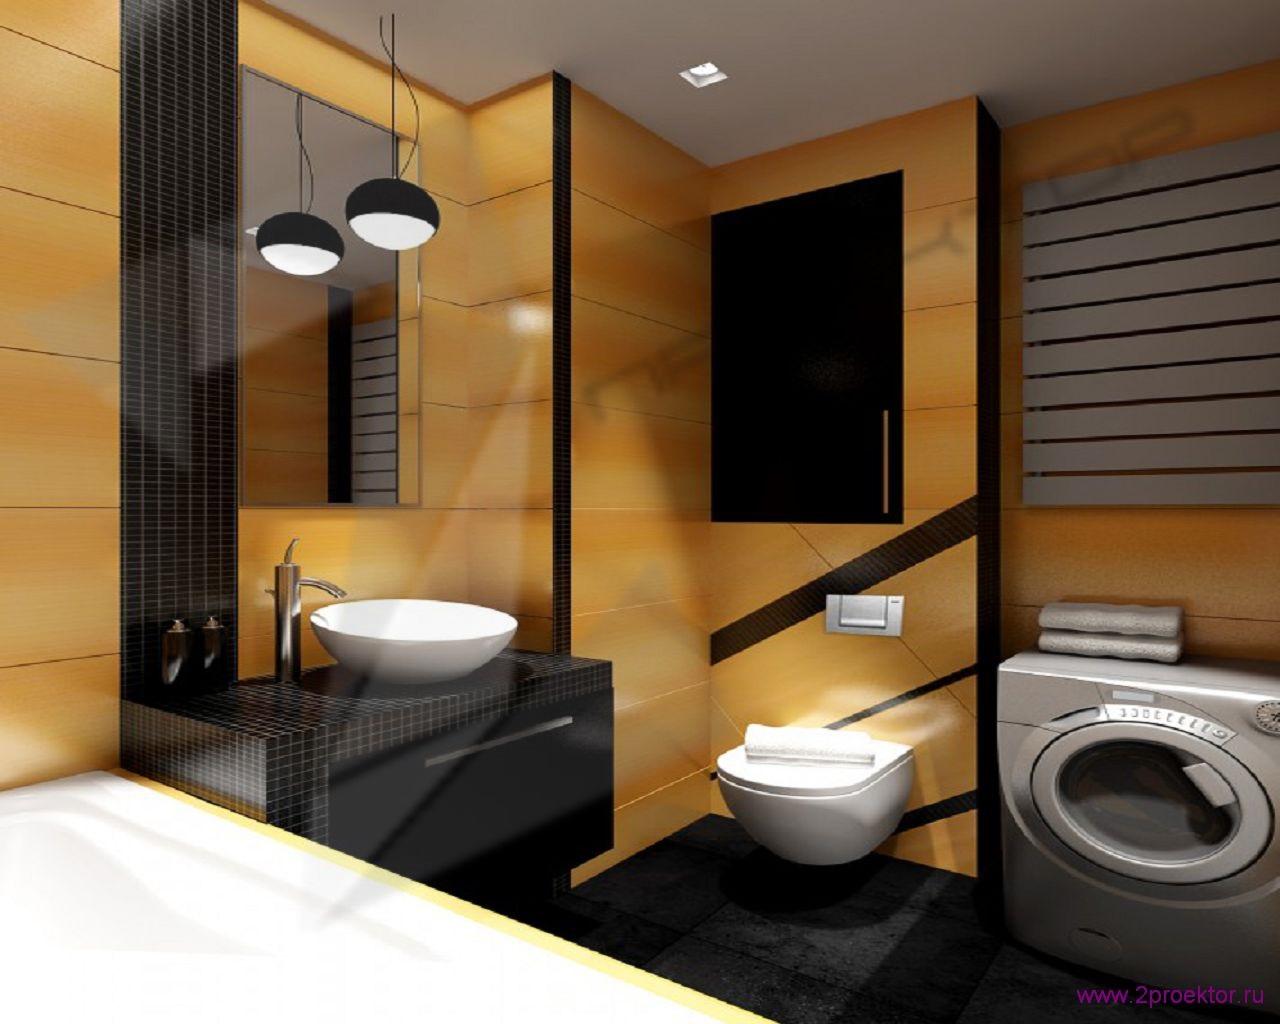 Дизайн ванной комнаты в Жилом комплексе Суворов парк.